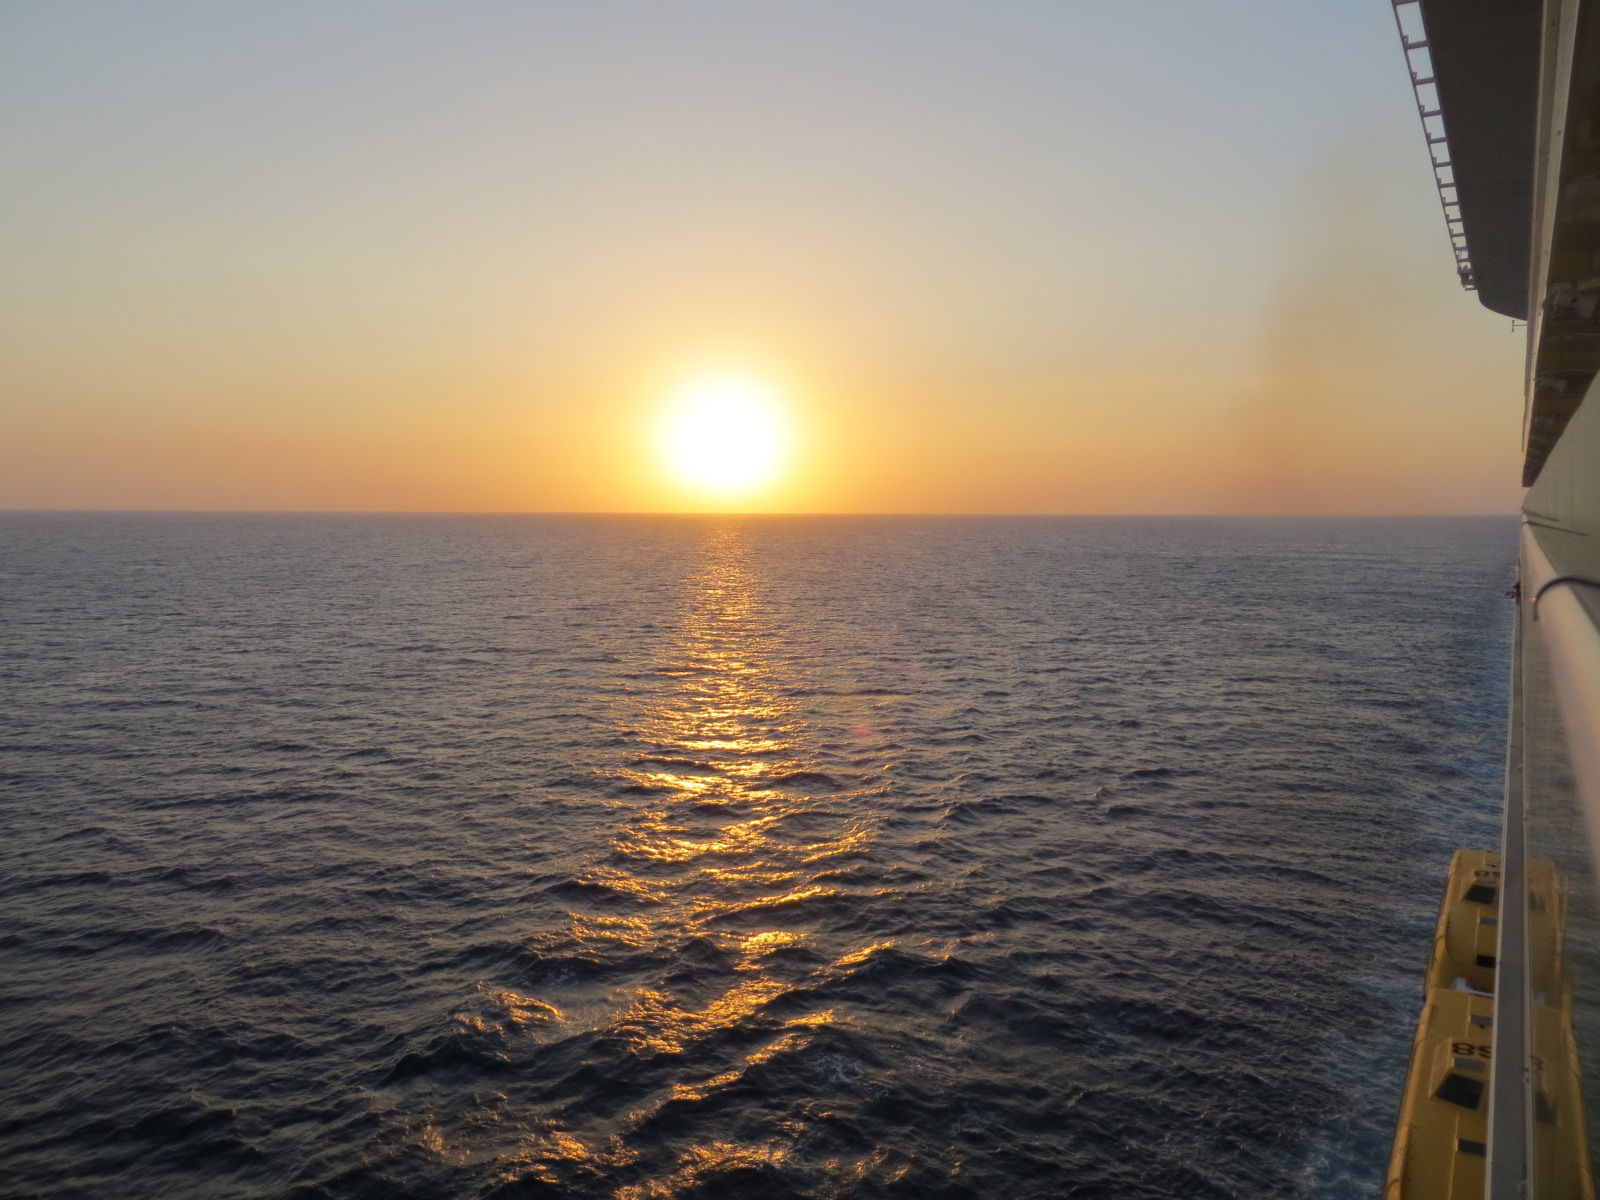 Solnedgang fra utvendig balkong